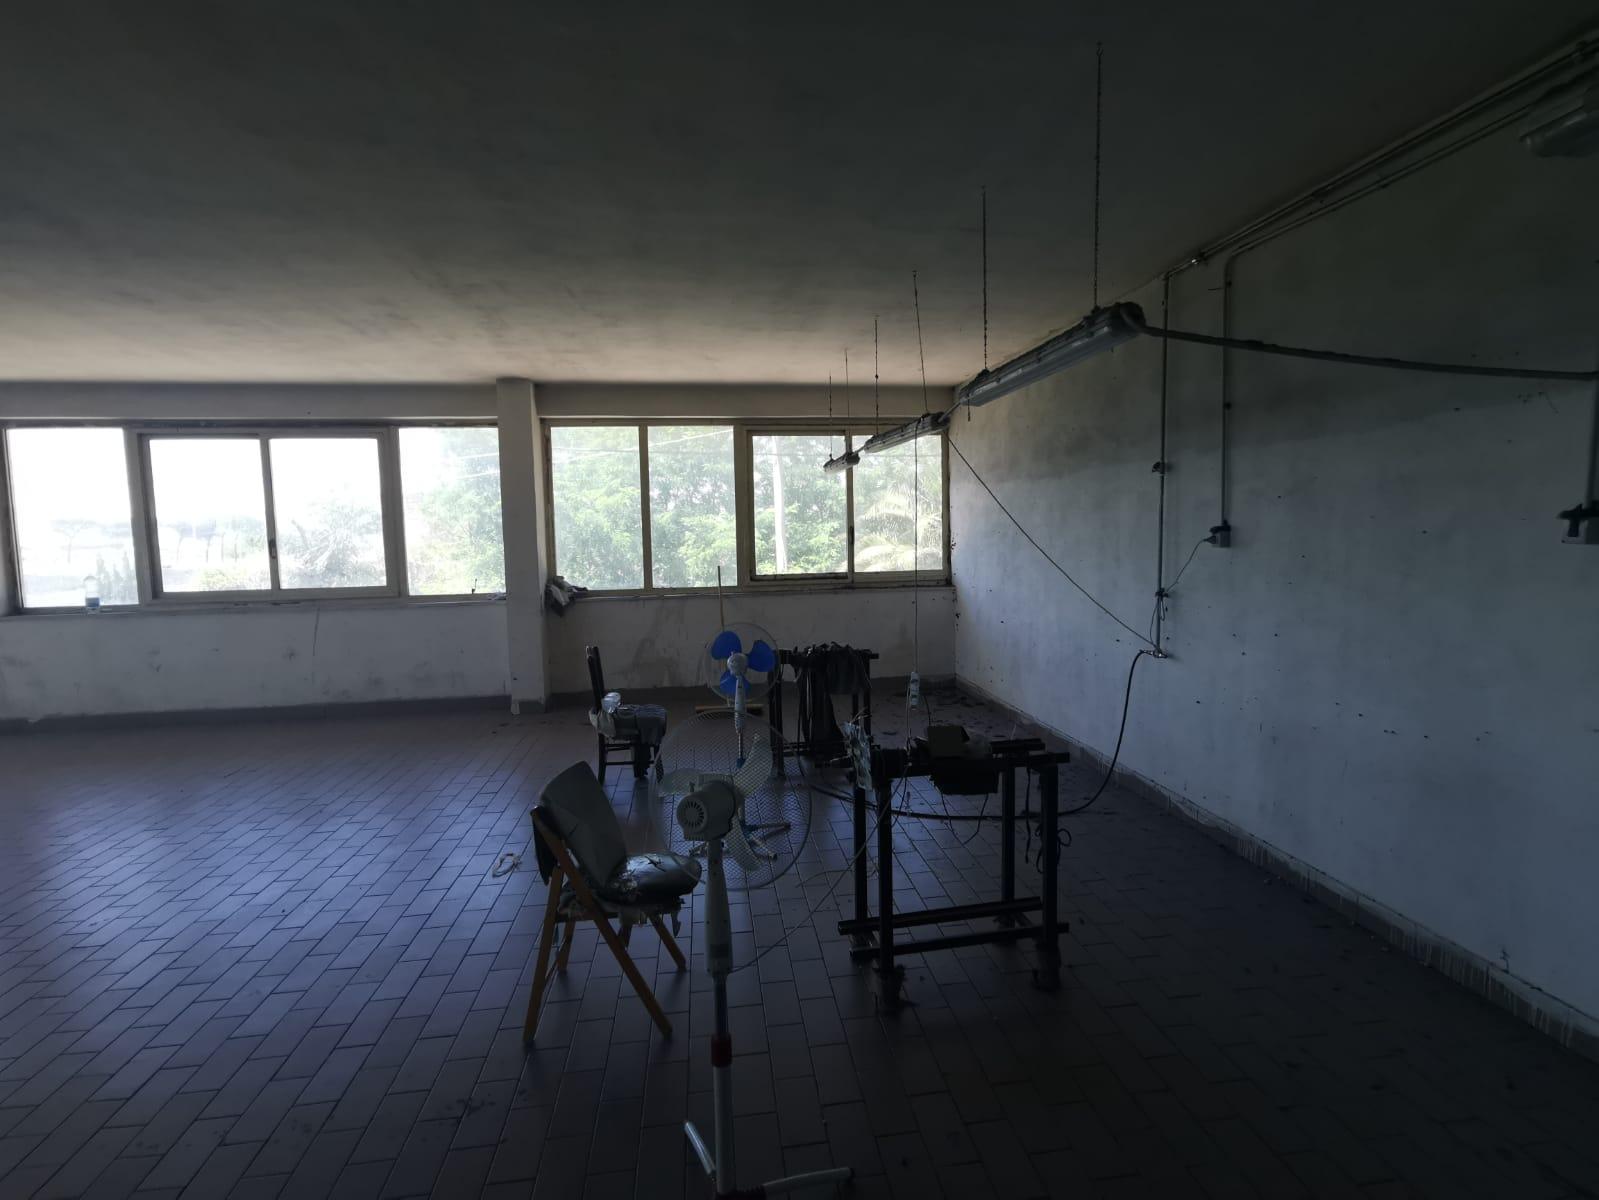 LOCALE USO ARTIGIANALE Giugliano-Ponte Riccio Rif 36439